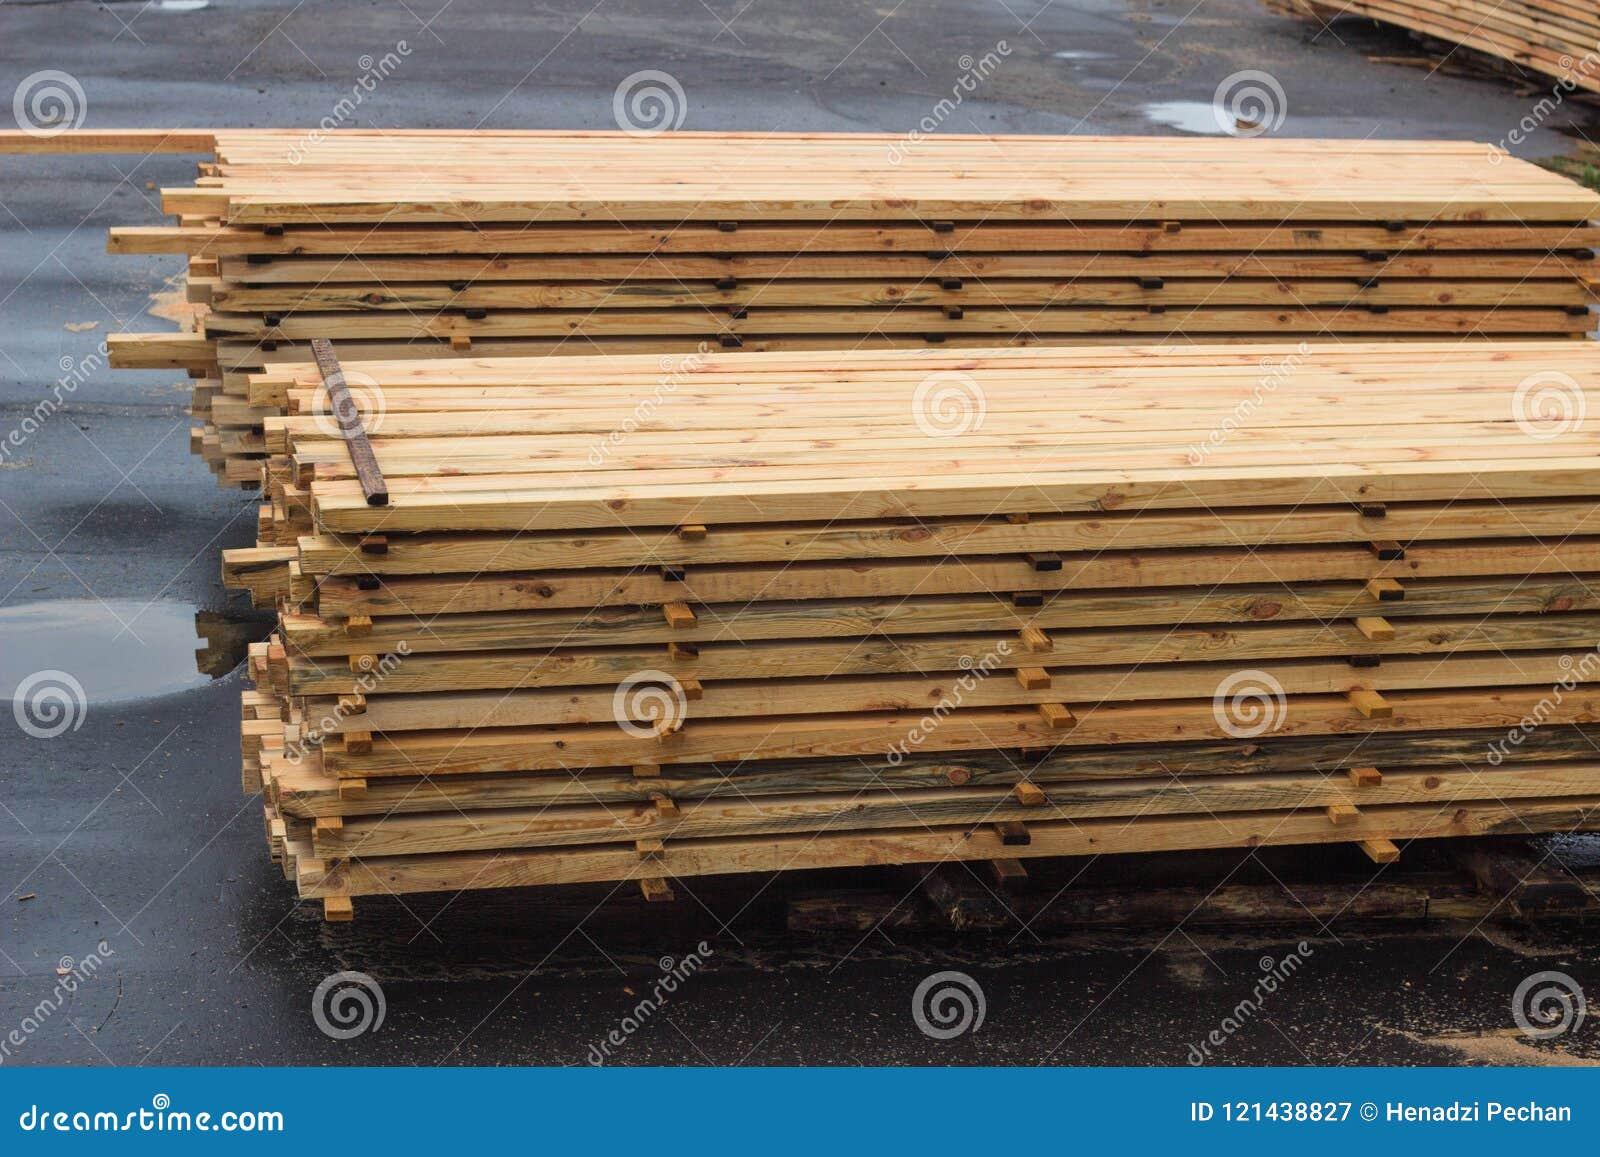 Stapels van houten raad in de zaagmolen, het planking